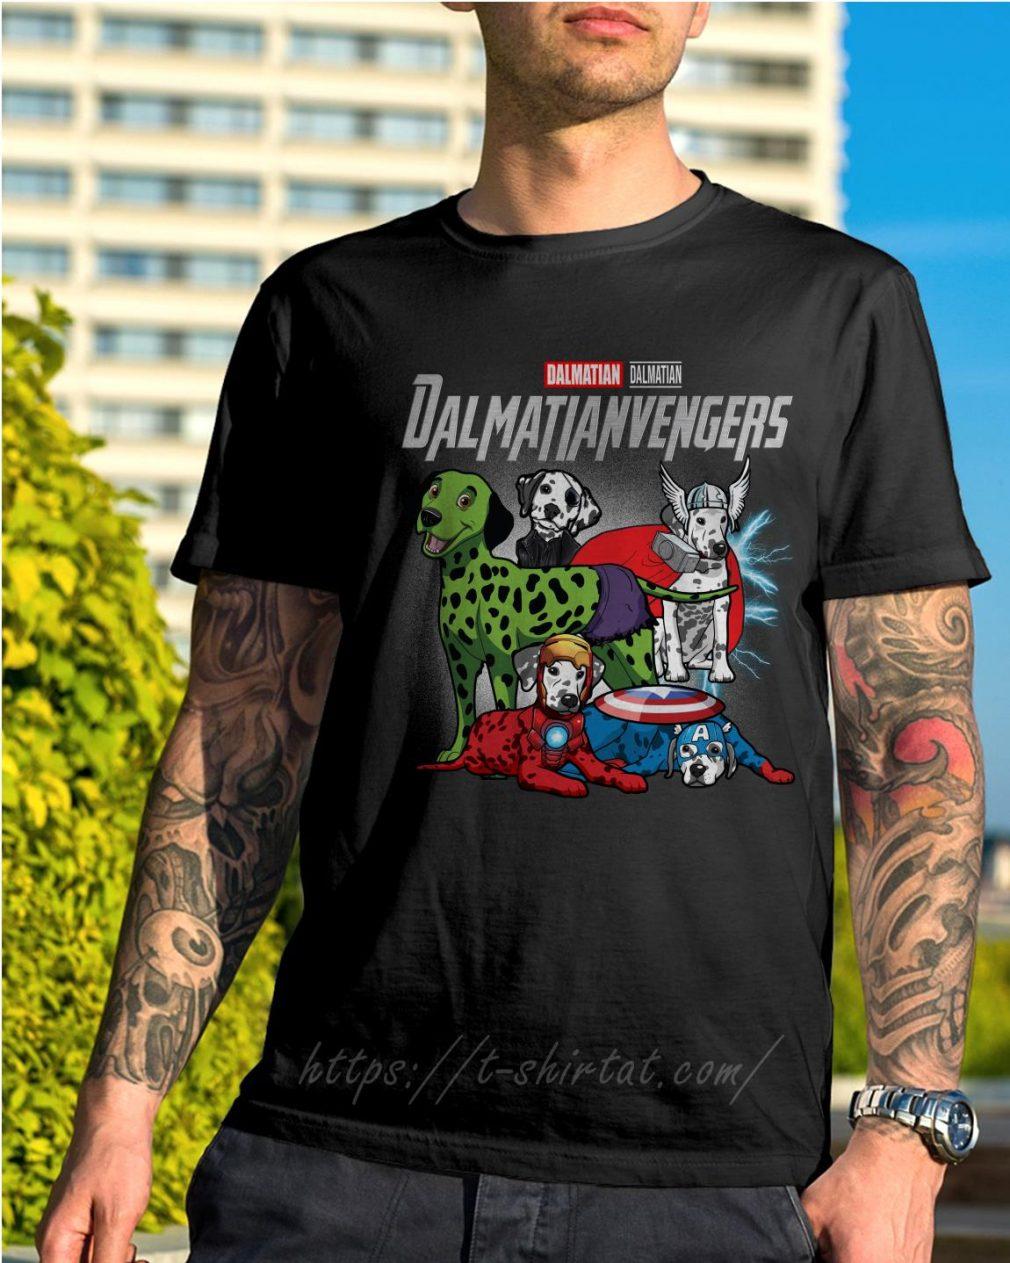 Marvel Dalmatian Dalmatianvengers shirt